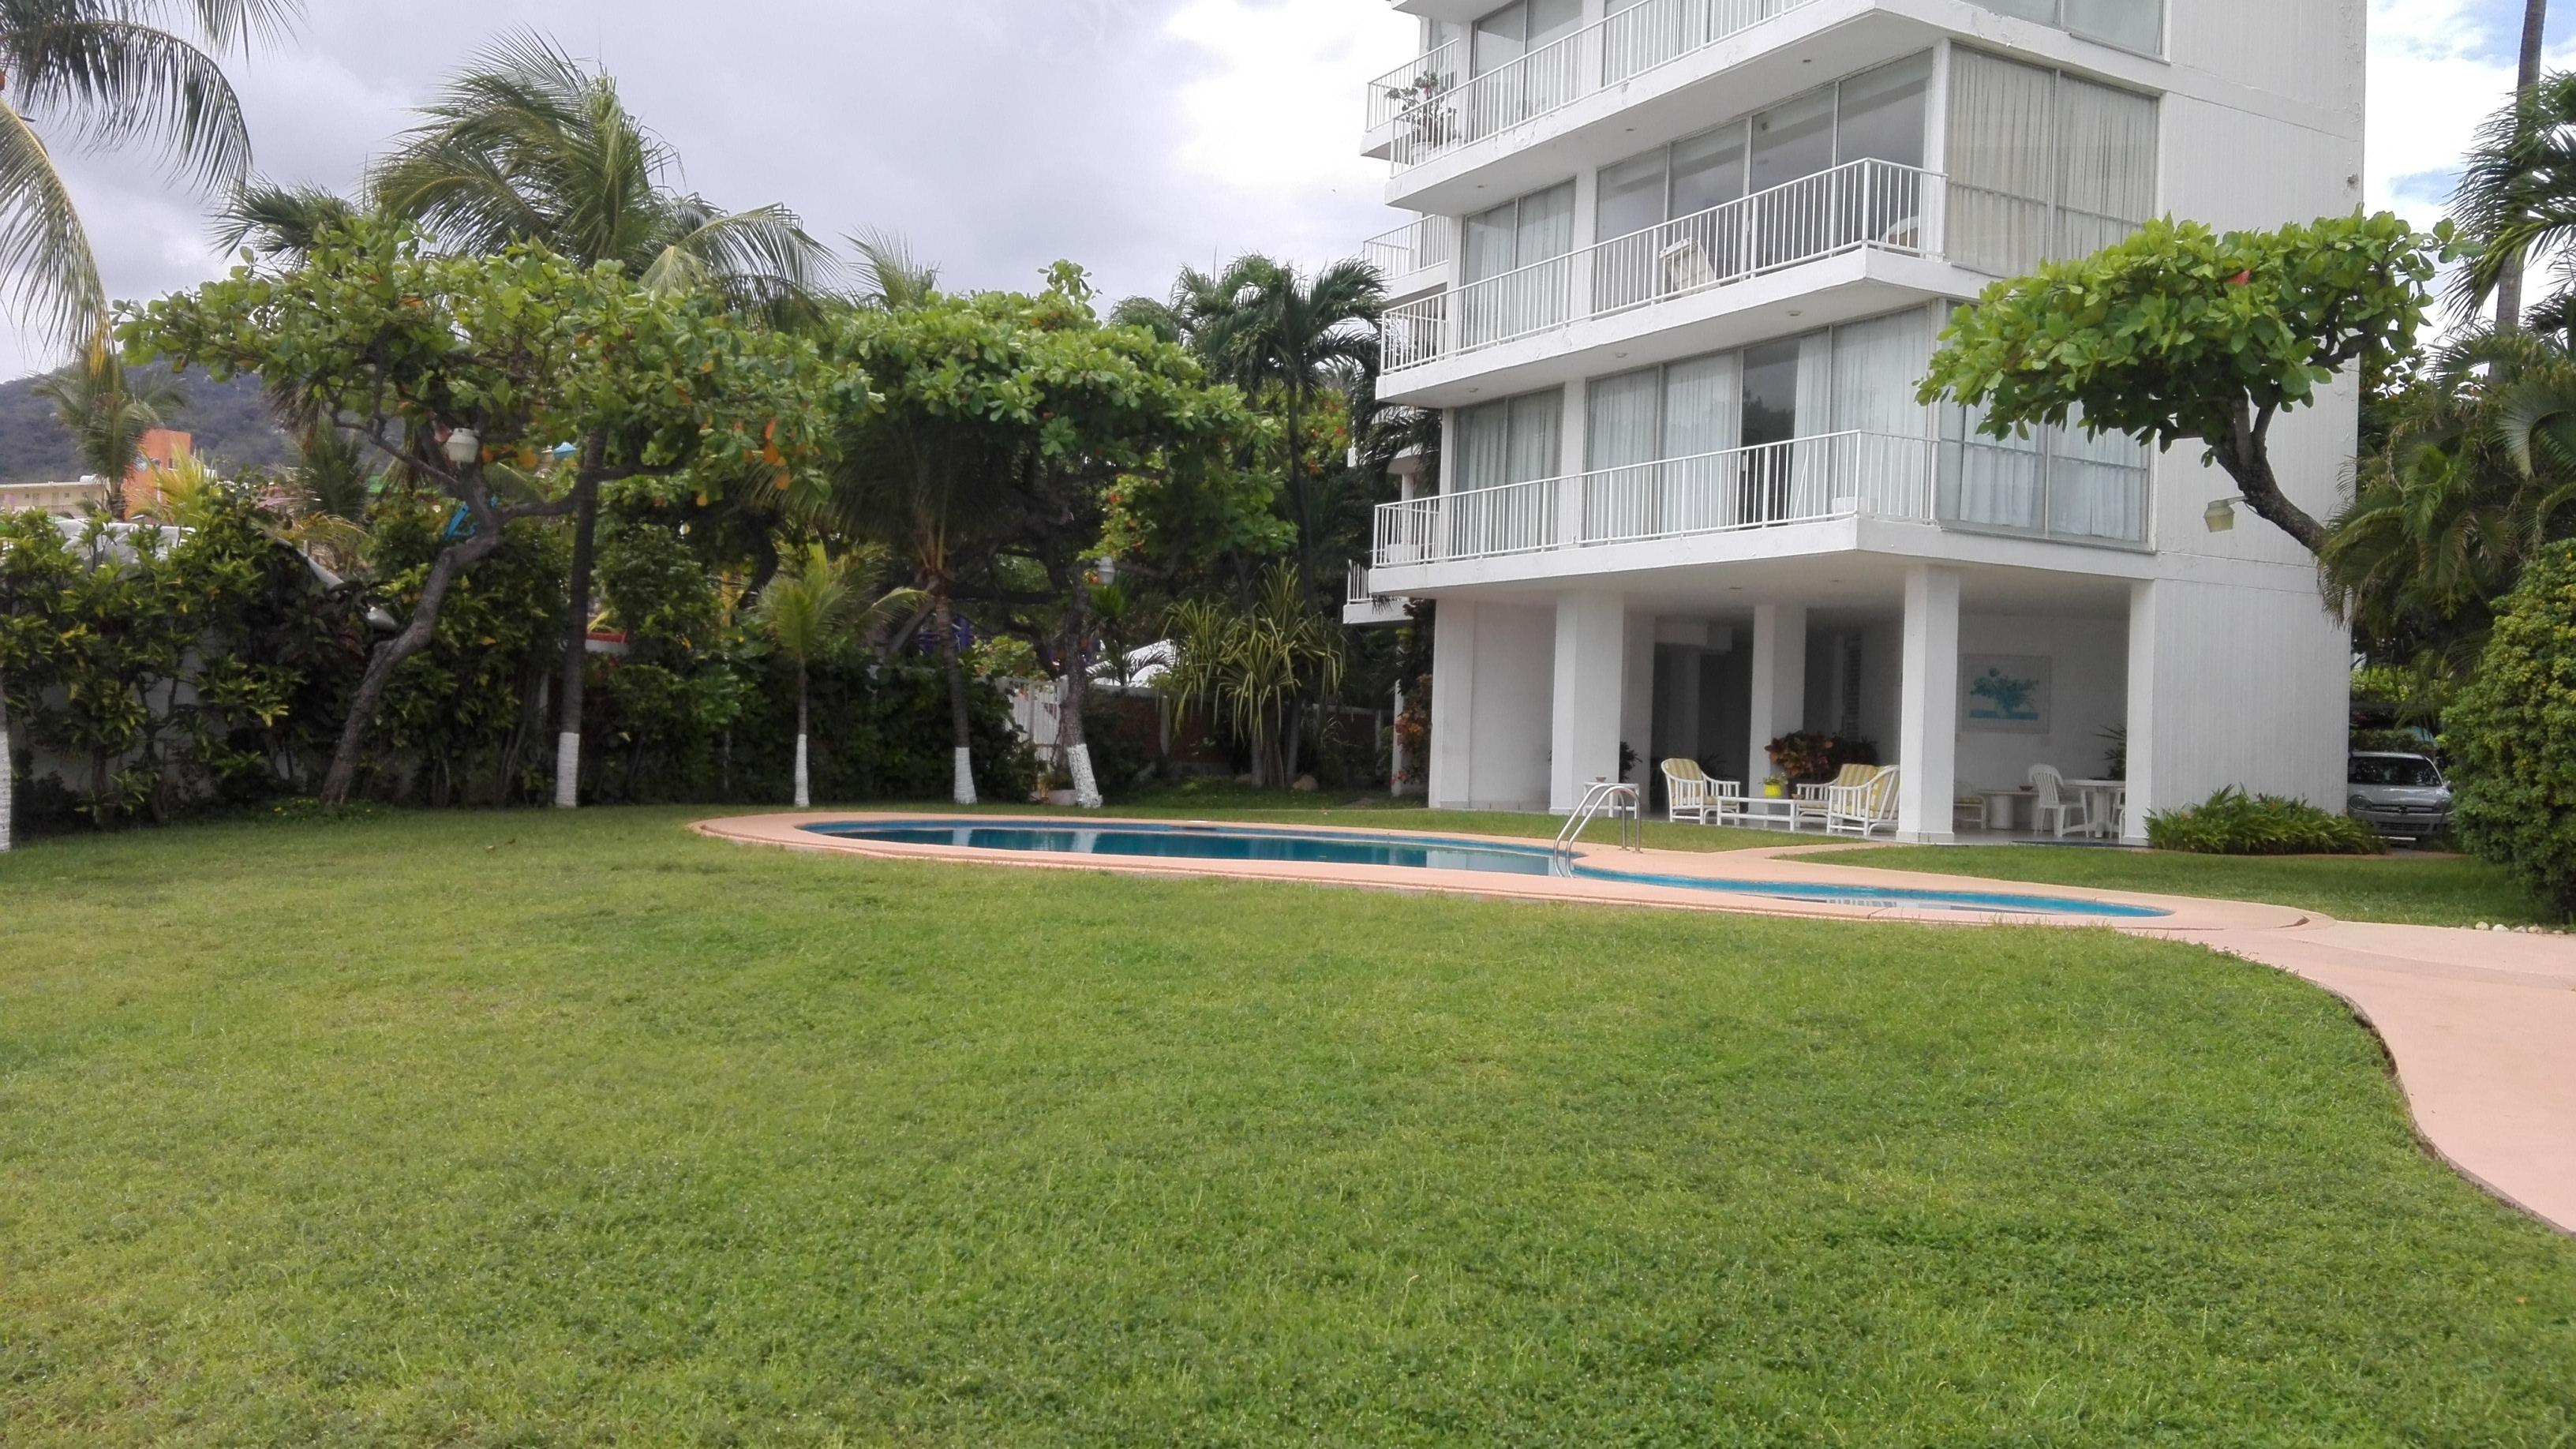 Se vende departamento de playa en Zona Dorada de Acapulco